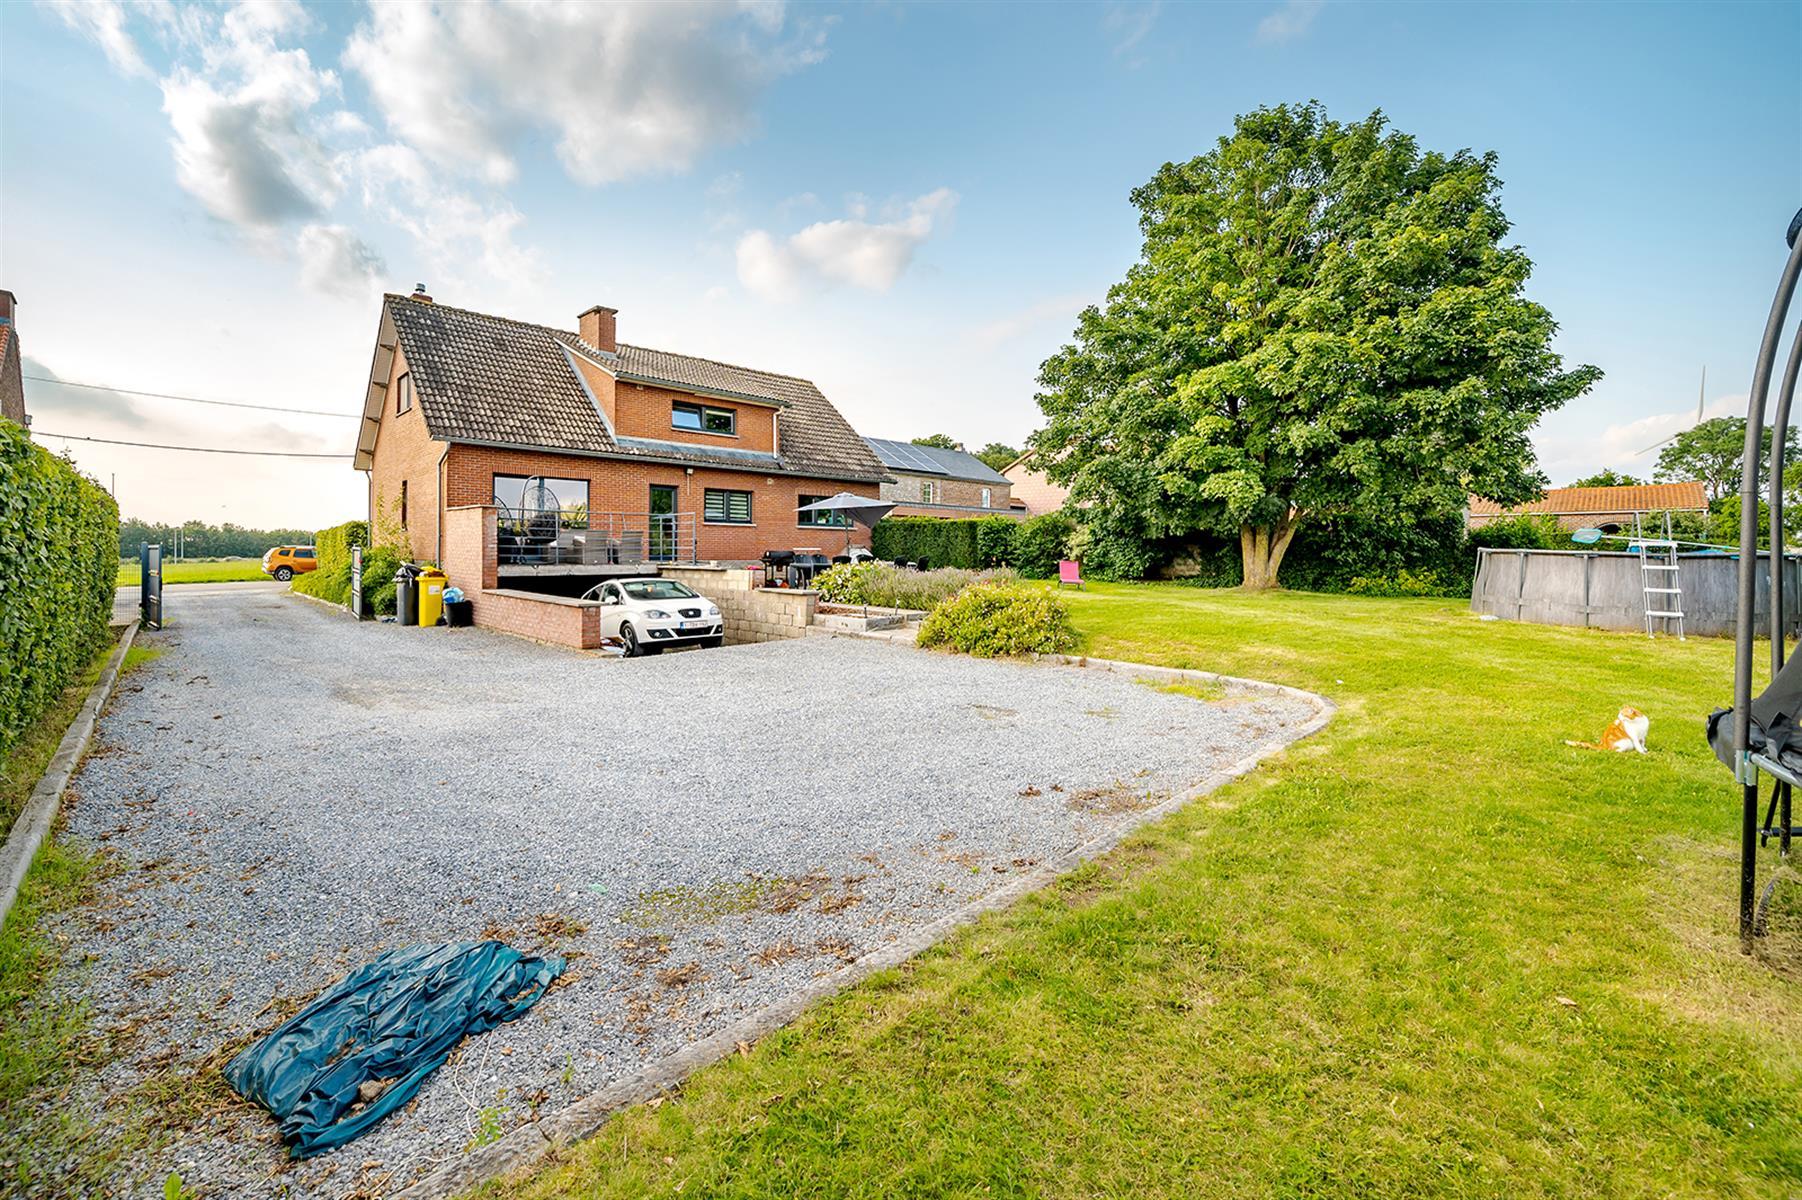 Maison unifamiliale - Villersle-Bouillet - #4412229-19